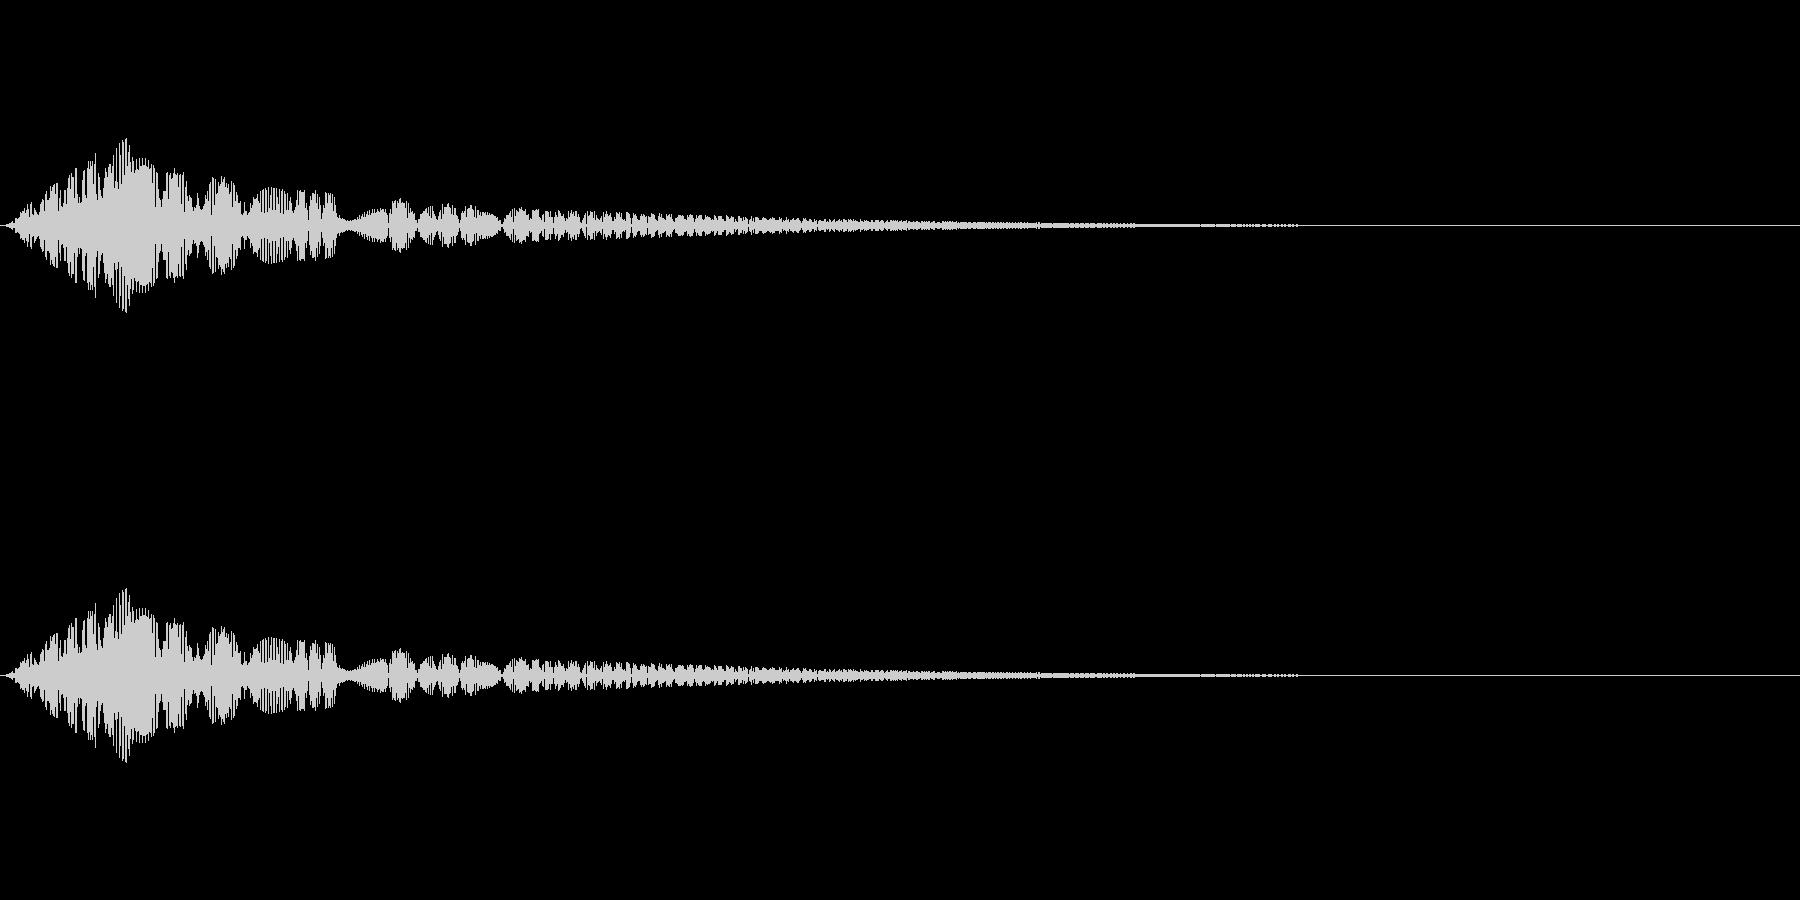 魔法、状態異常などに使える効果音_2の未再生の波形